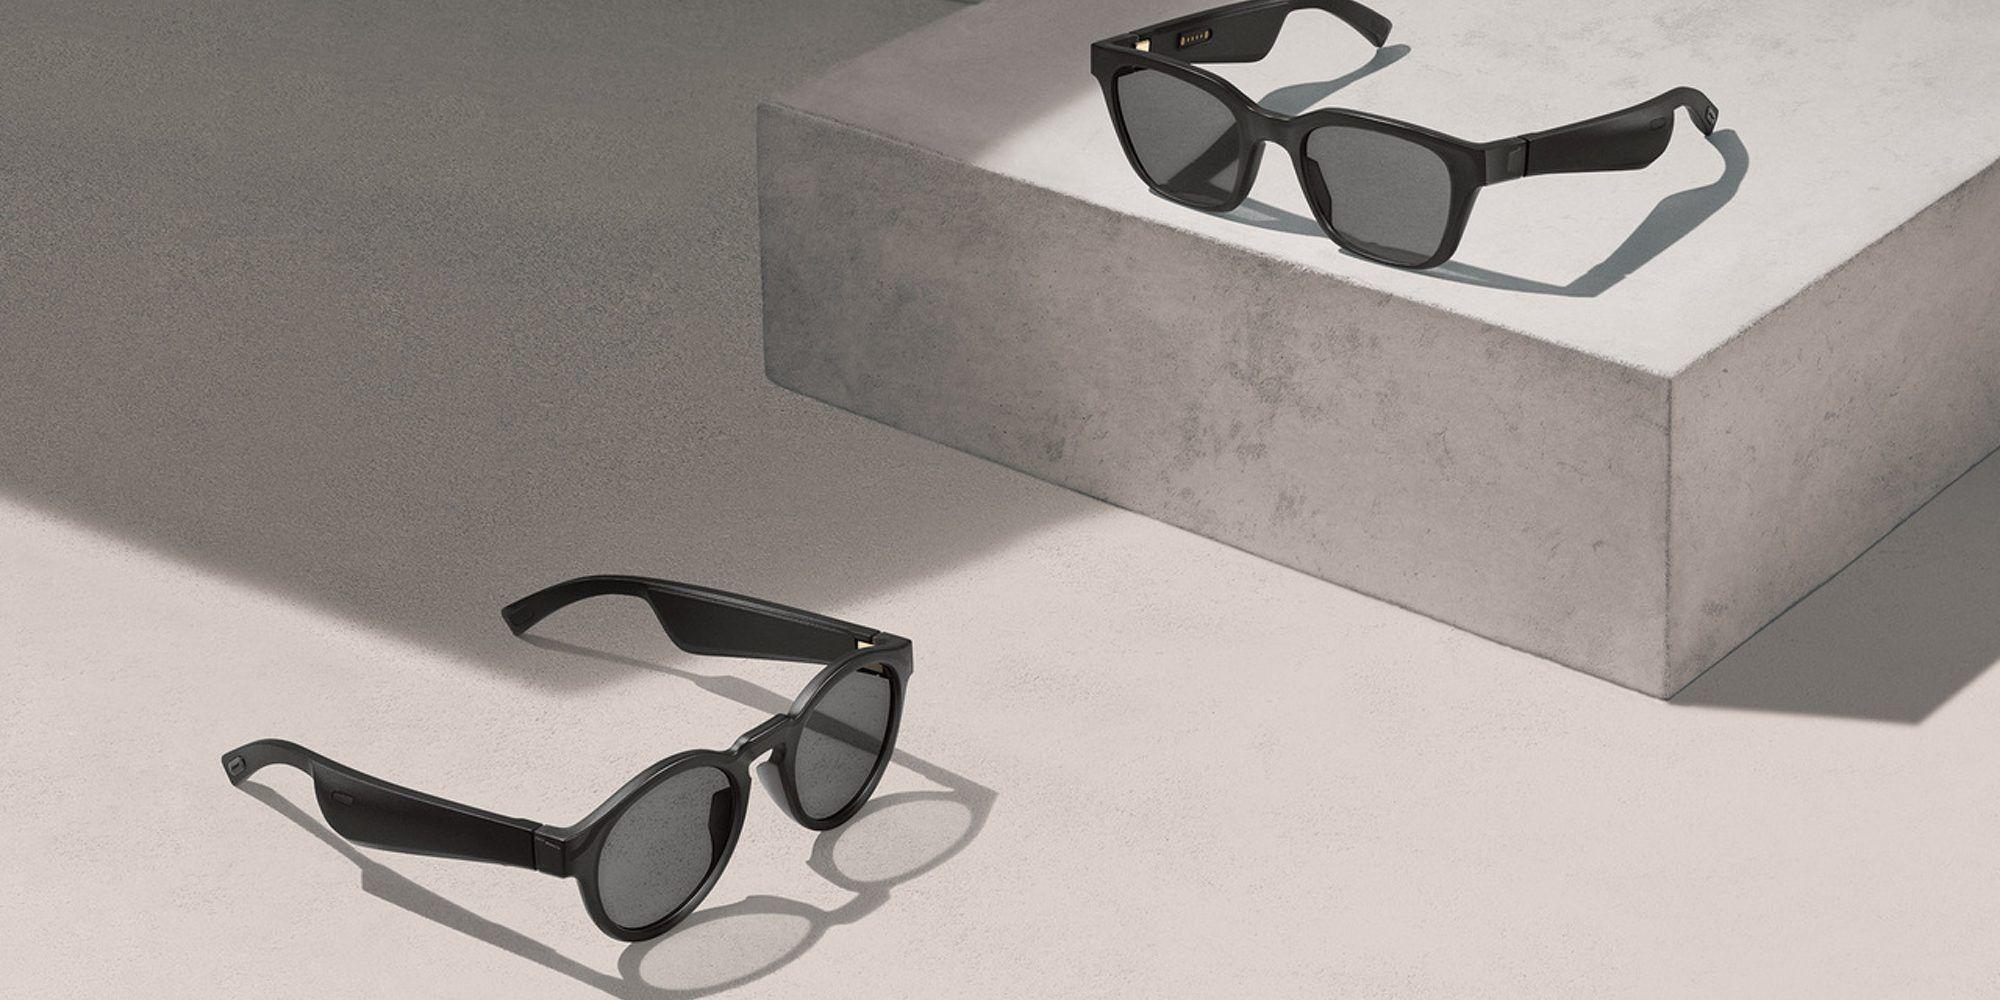 BOSE FRAMES, las gafas inteligentes del famoso fabricante de sonido